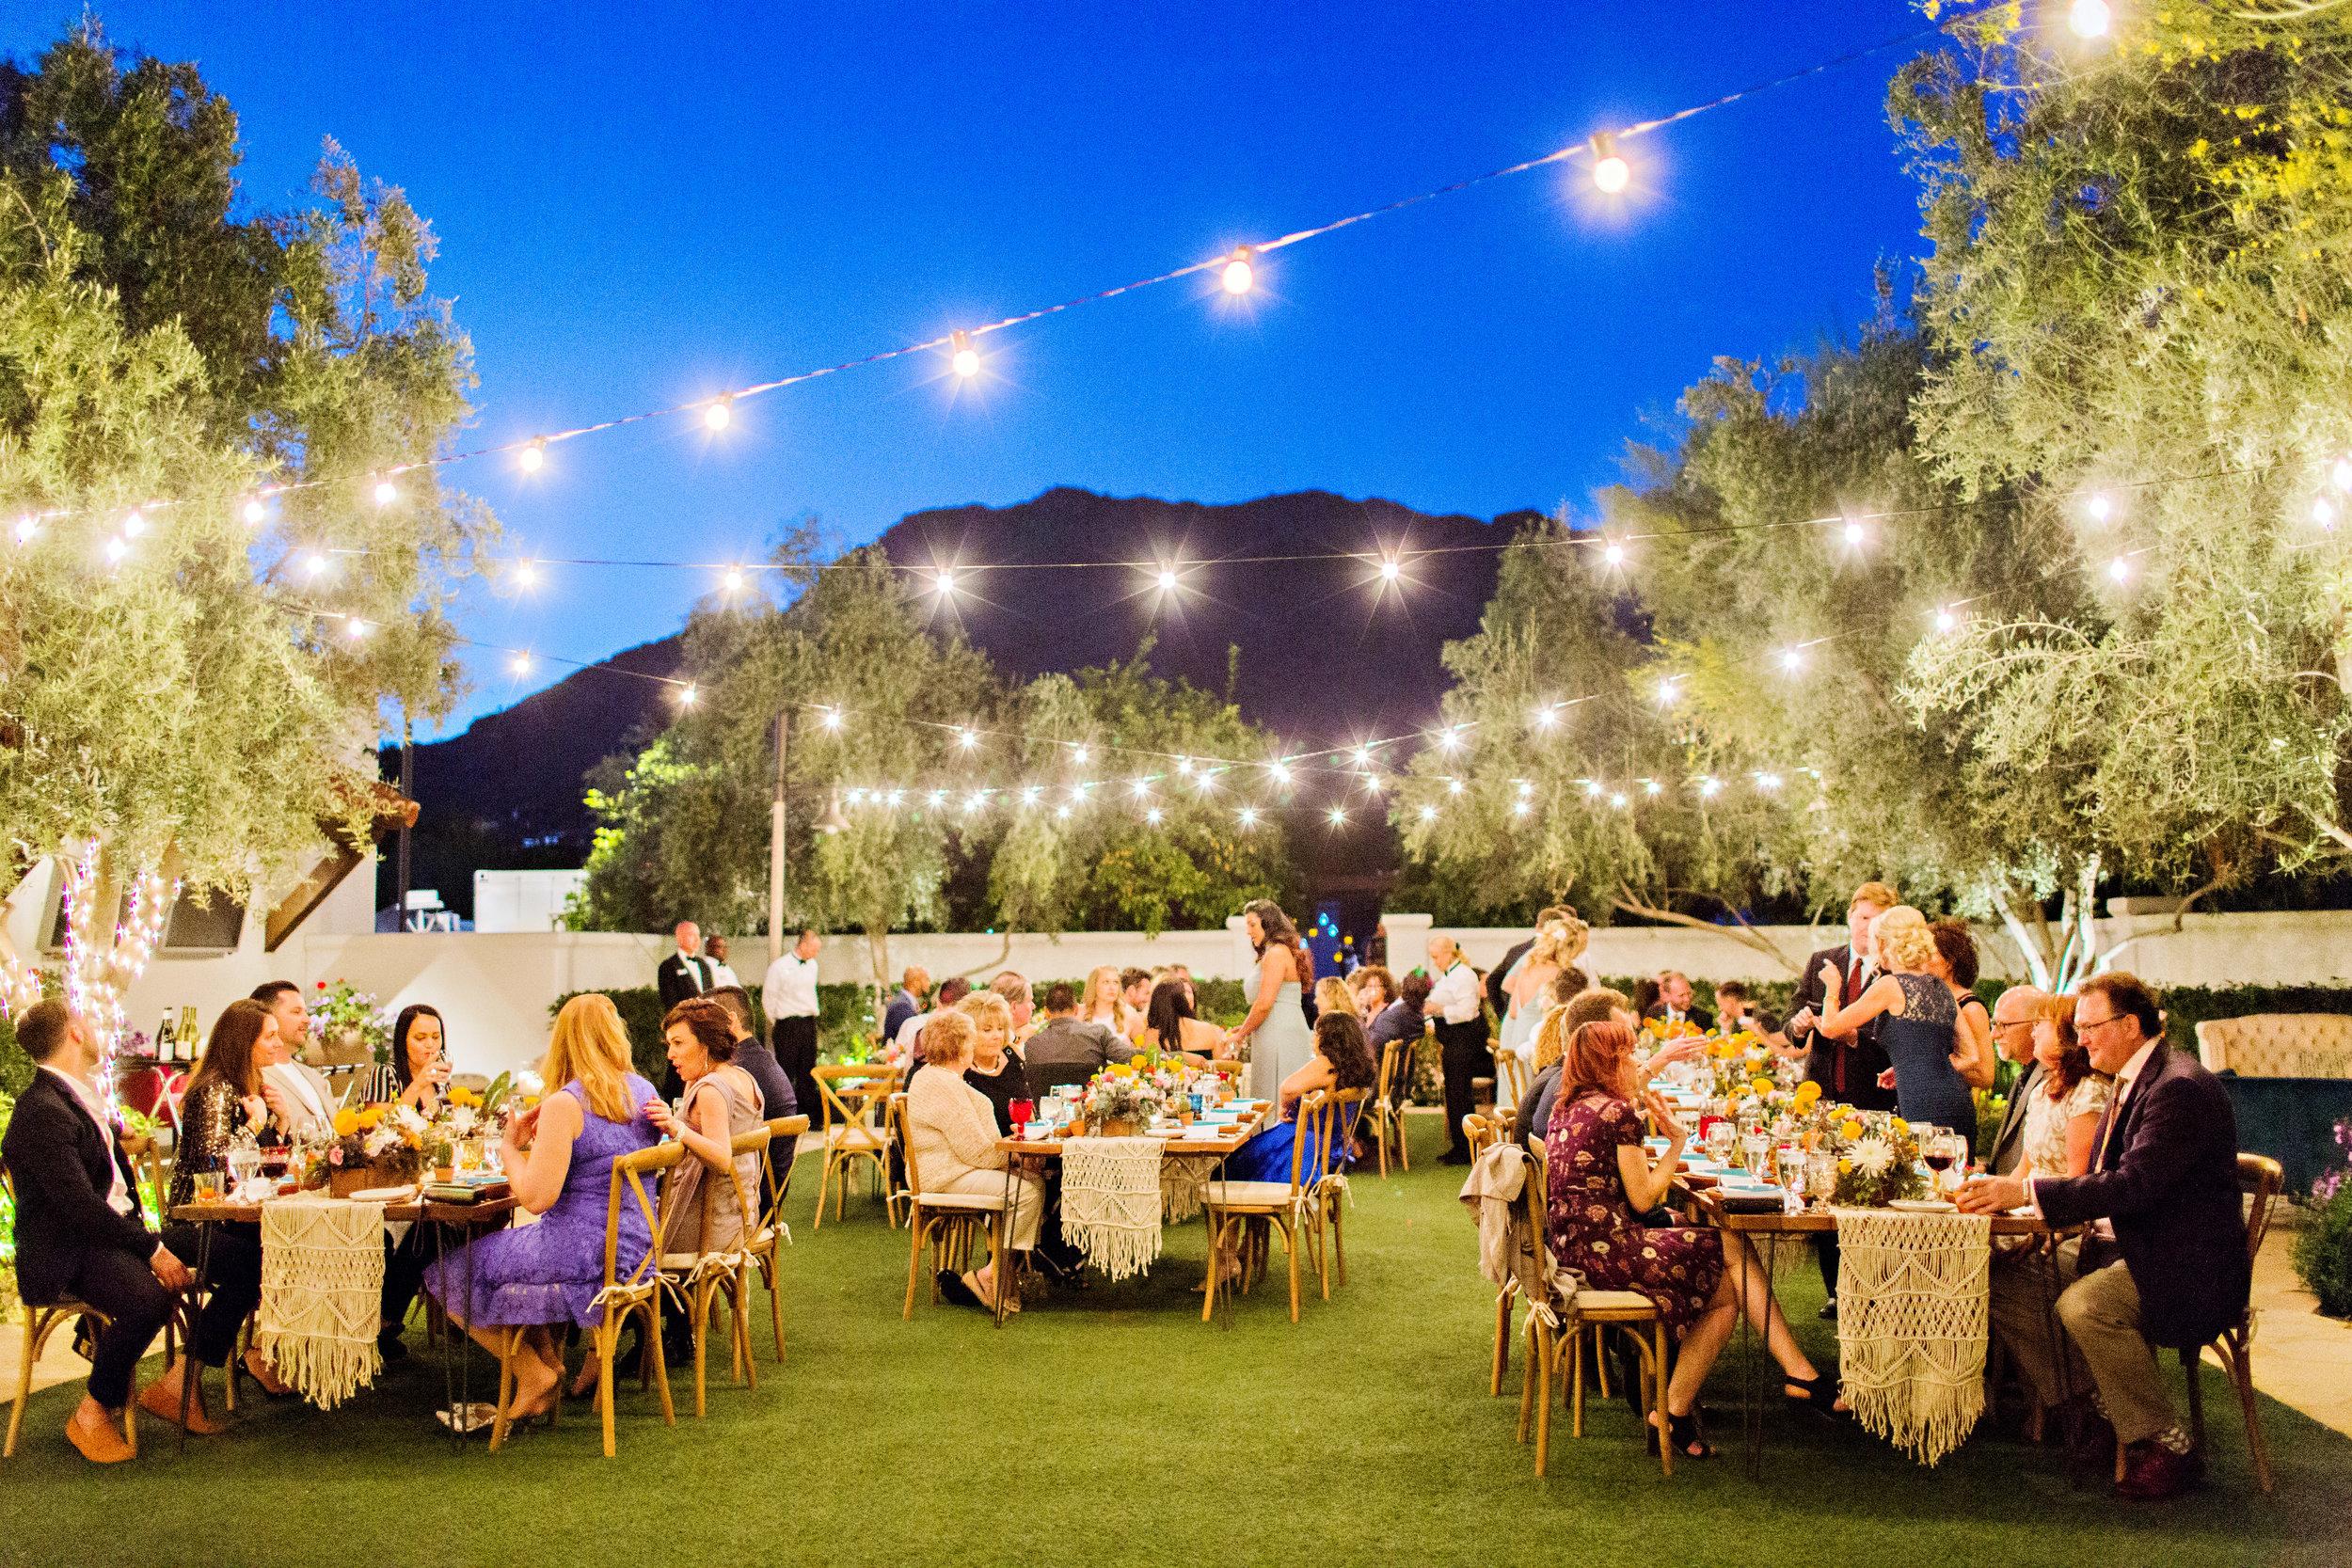 Fiesta Inspired Wedding Reception - El Chorro